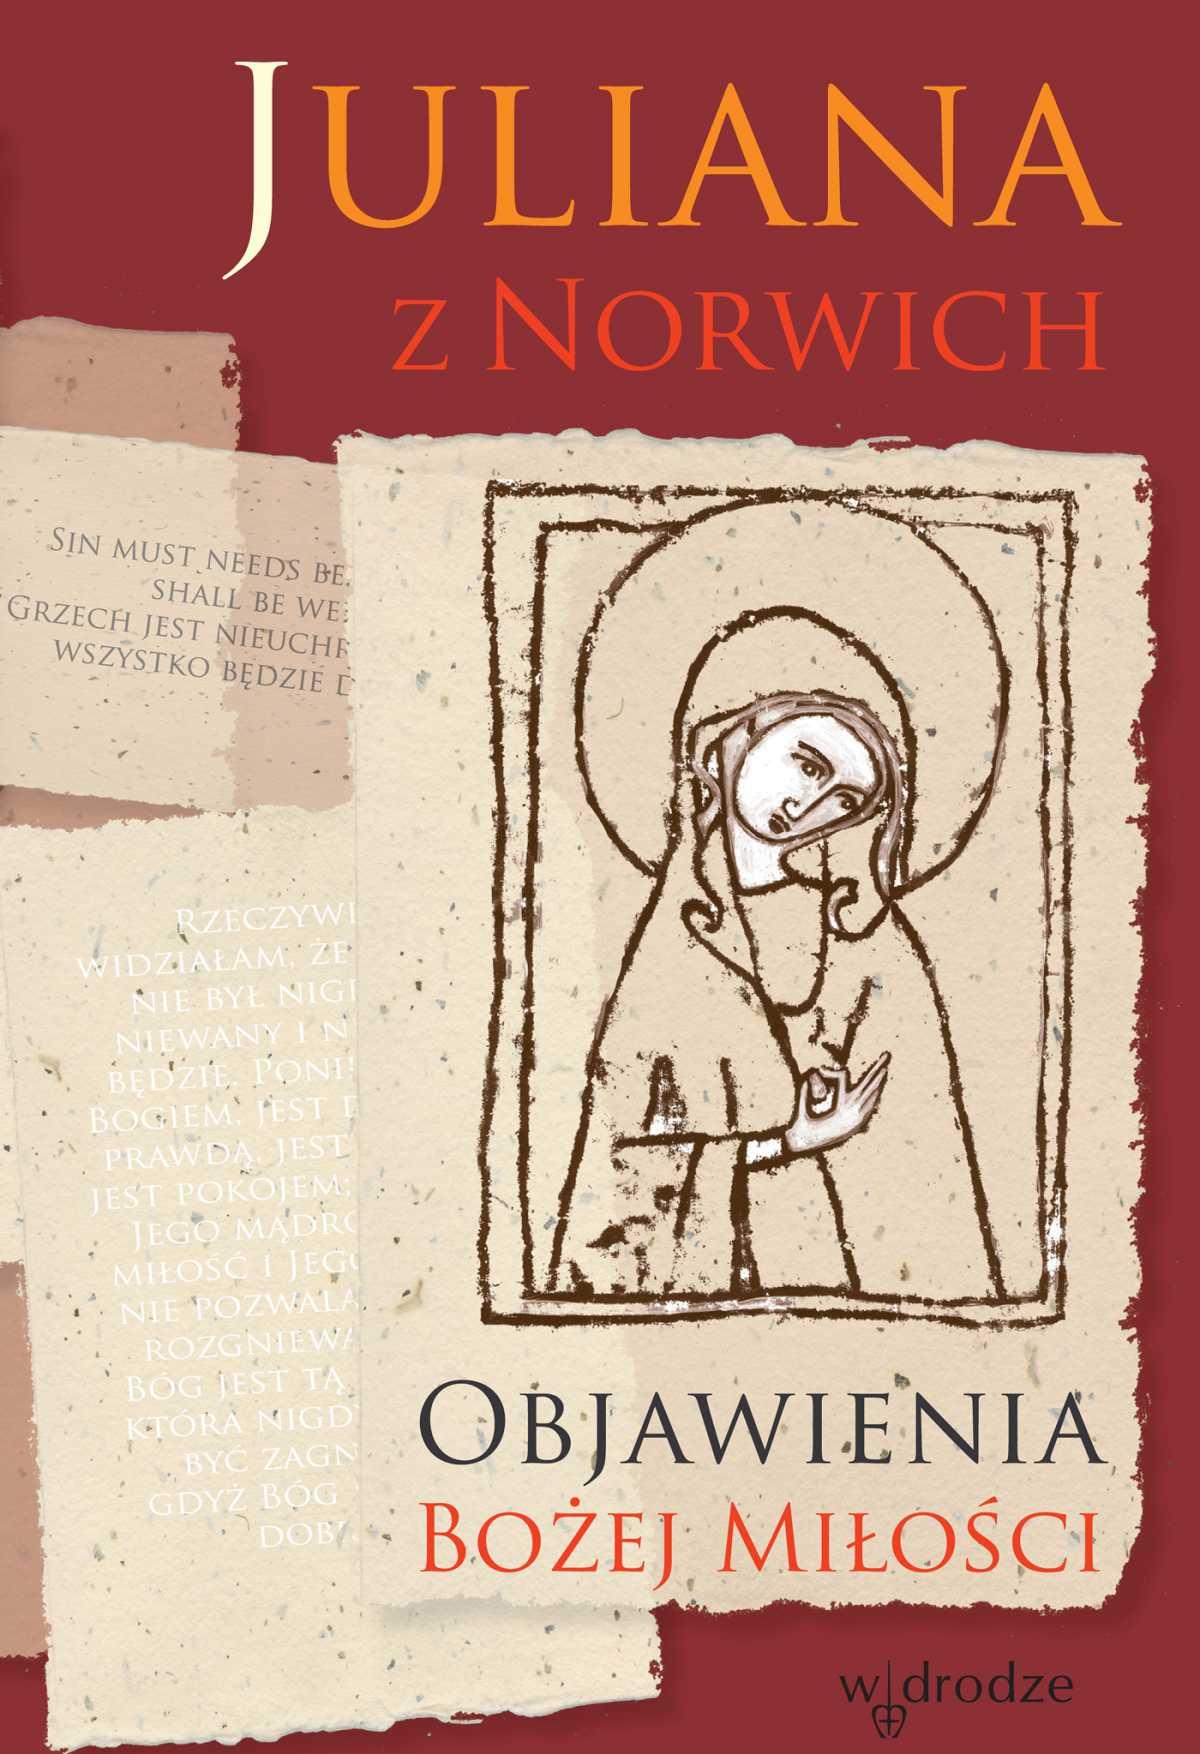 Objawienia Bożej miłości - Ebook (Książka na Kindle) do pobrania w formacie MOBI